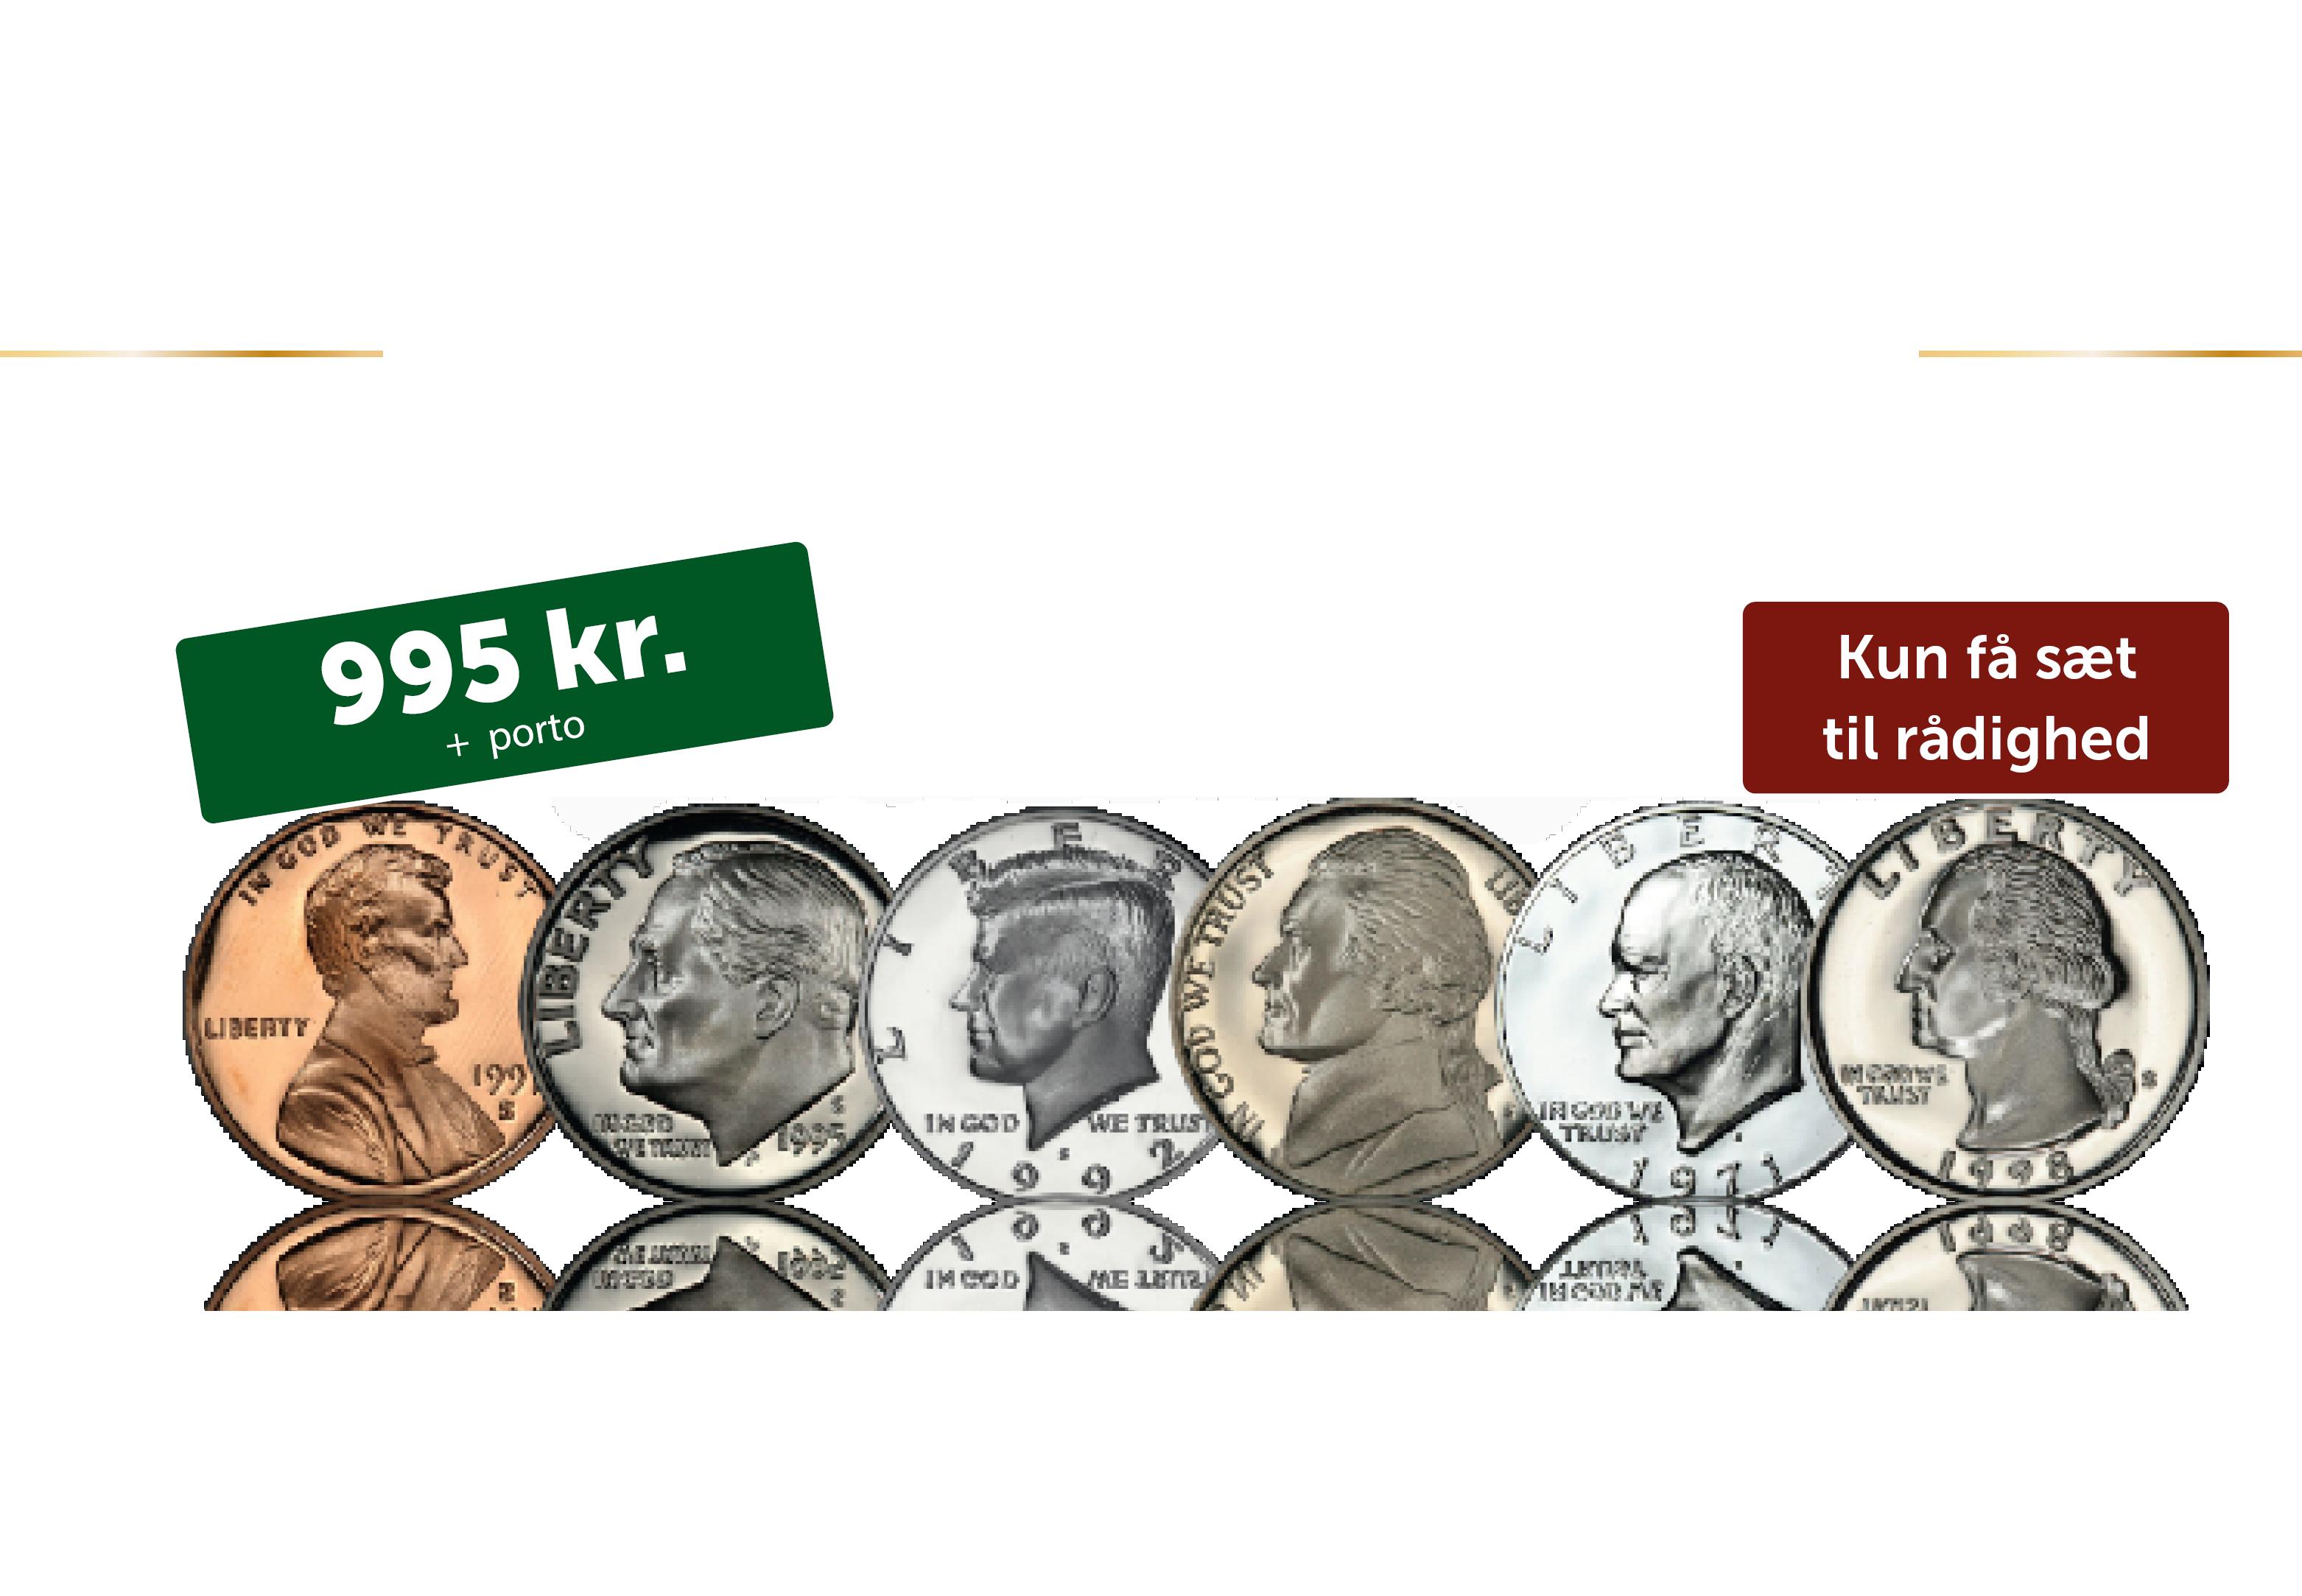 Et komplet amerikansk præsidentsæt